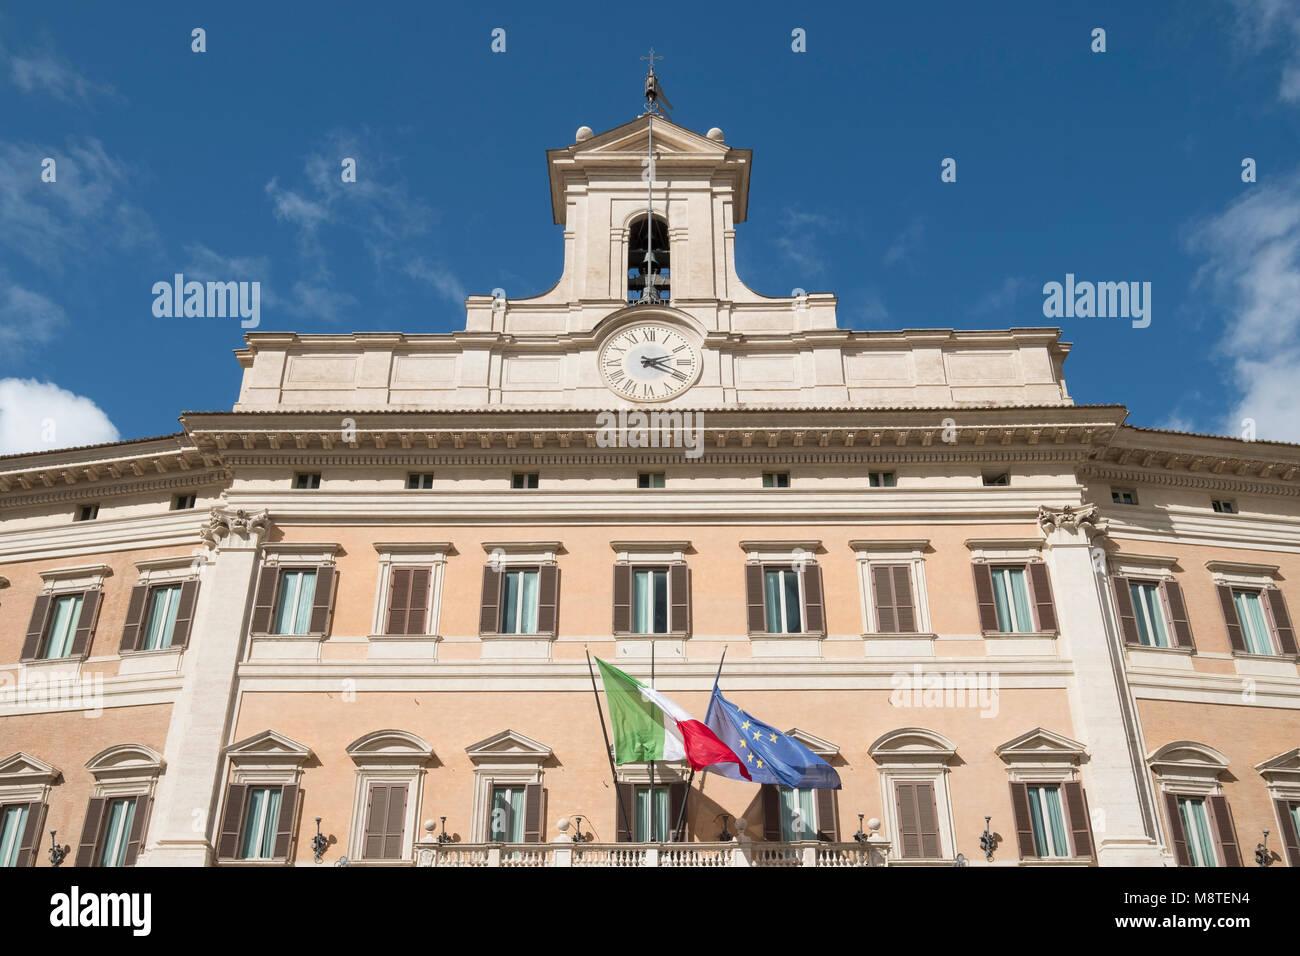 Palazzo Montecitorio à Rome - siège de la chambre de représentant du parlement italien. Photo Stock